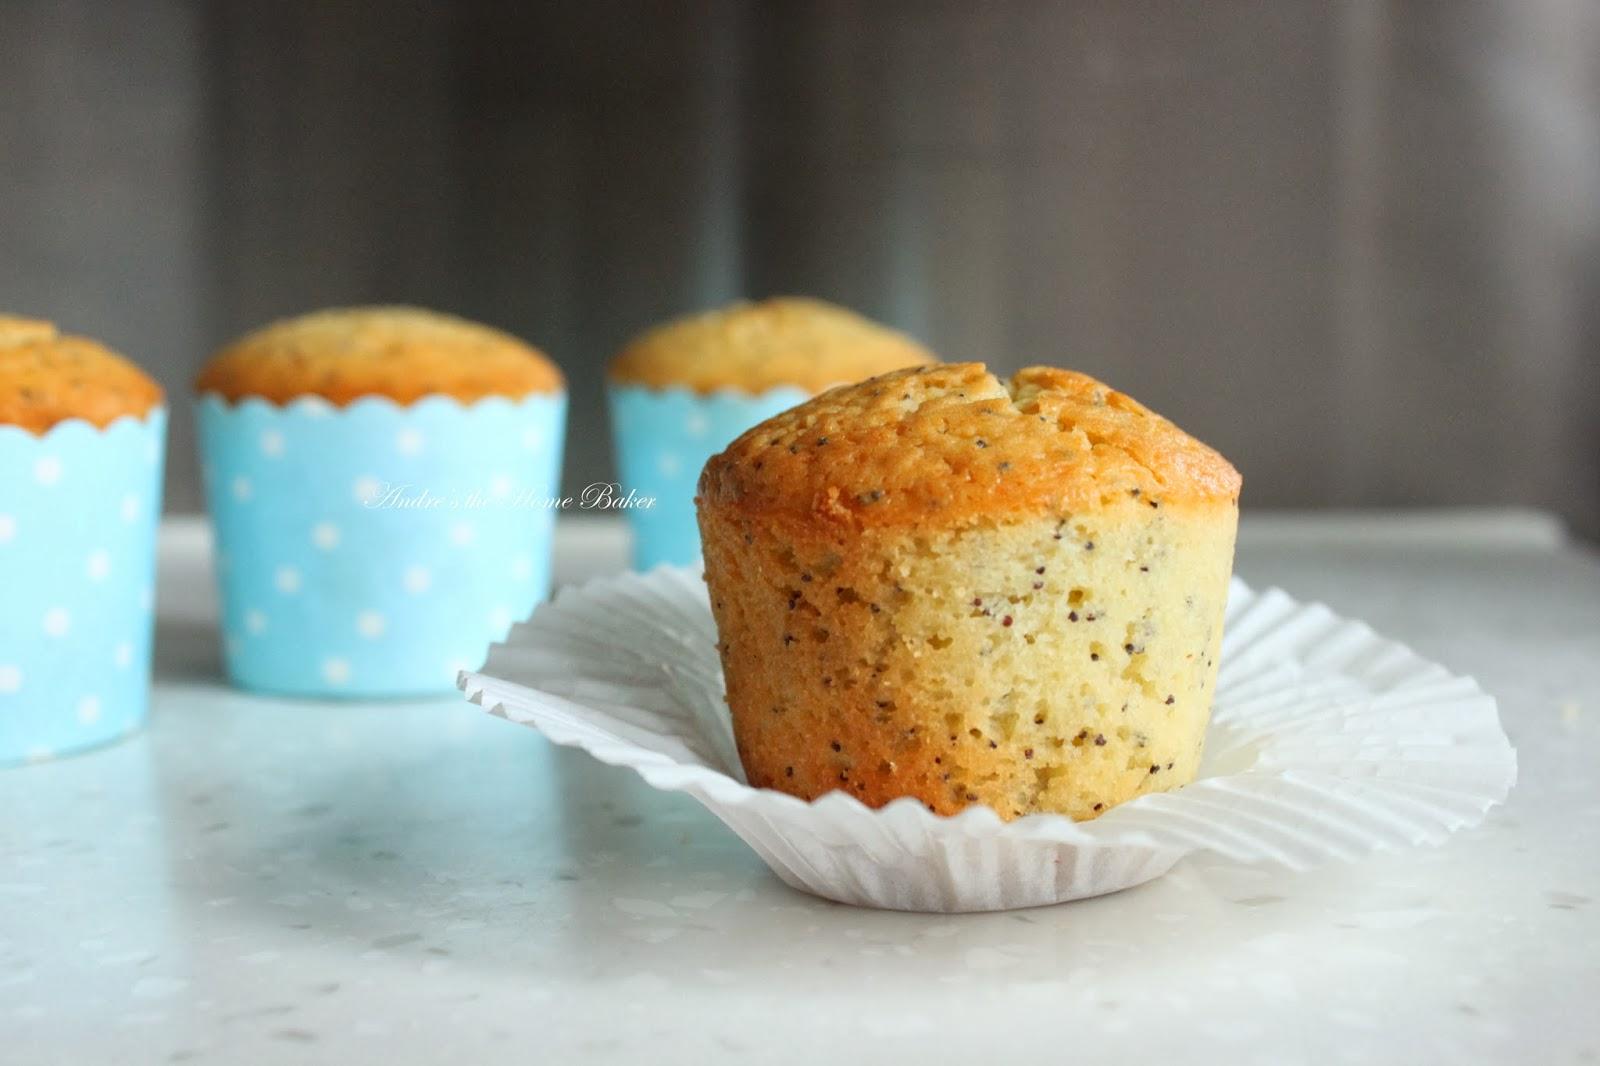 Andre's the Home Baker: ♥ Lemon Poppy Seed Muffins ♥